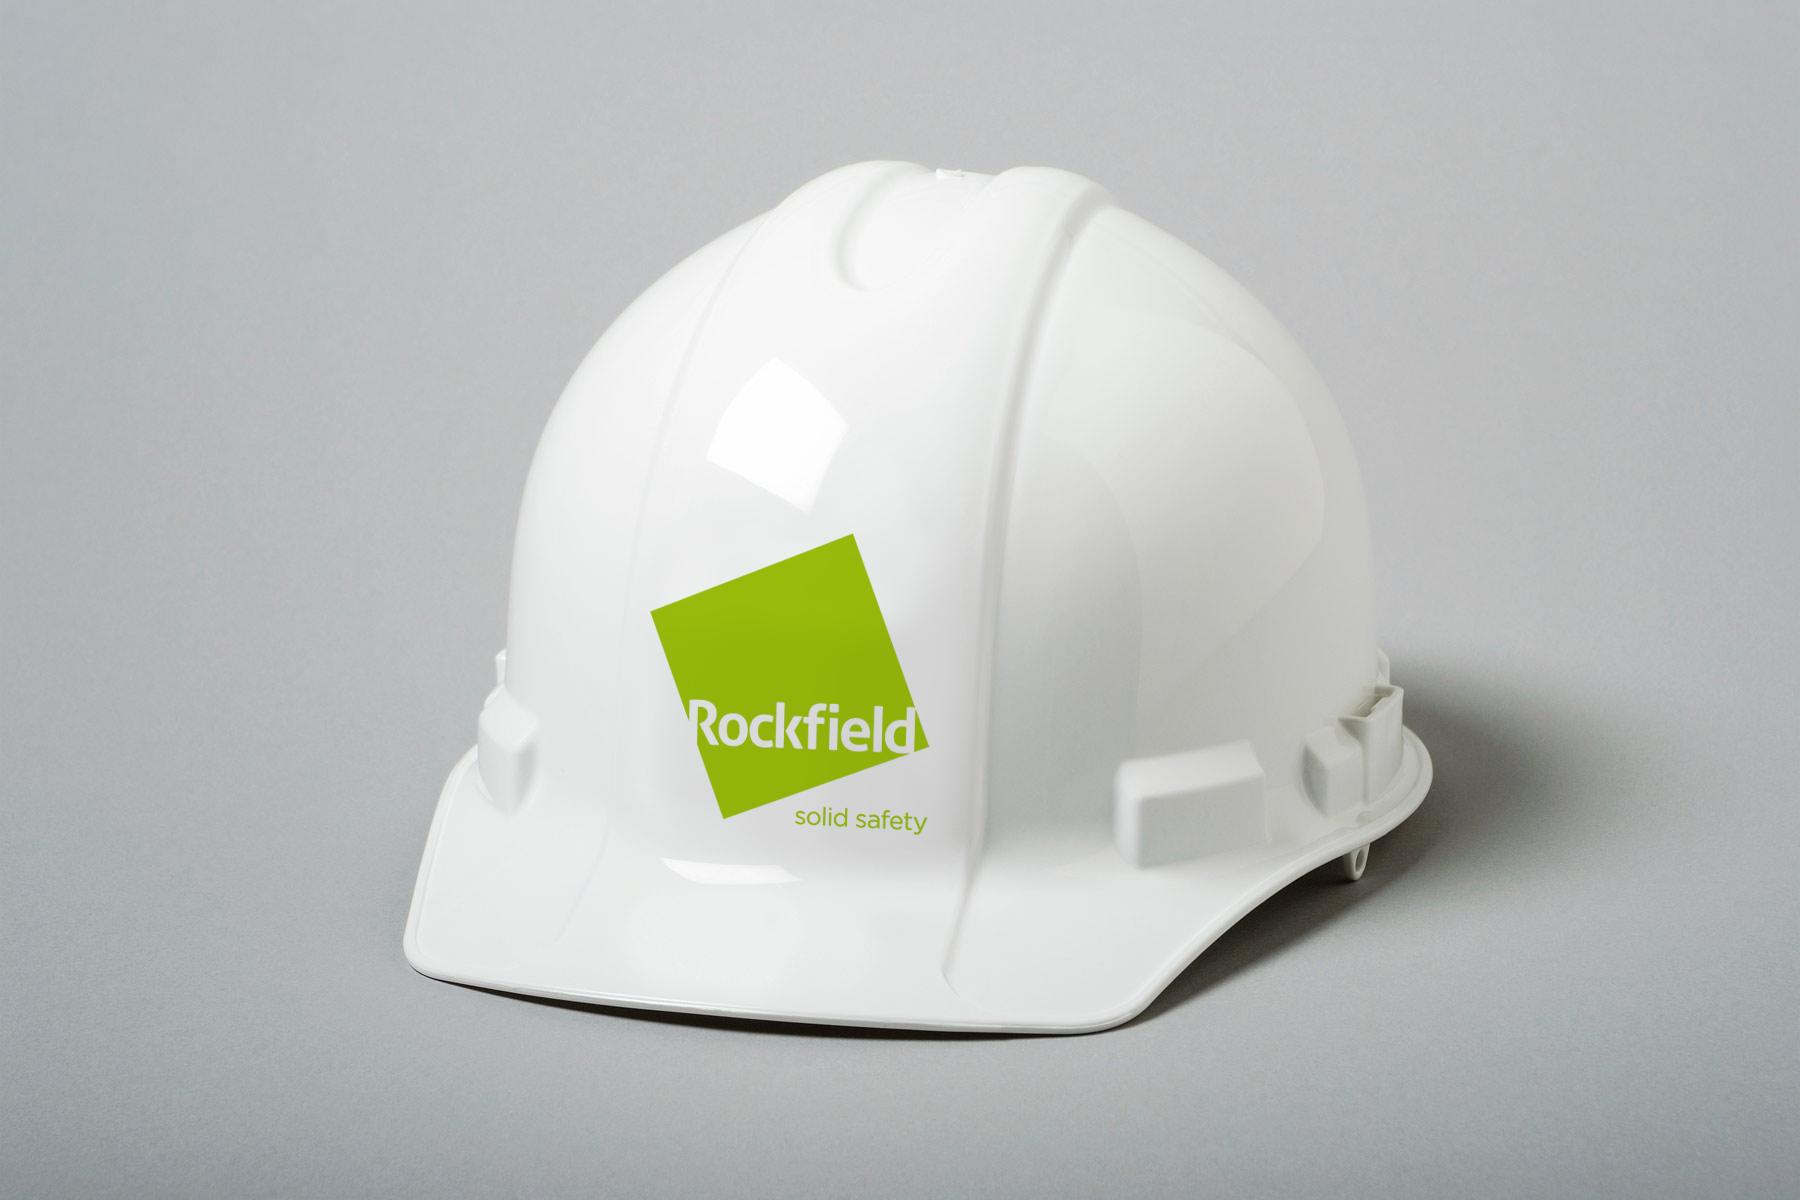 Rockfield Hard Hat